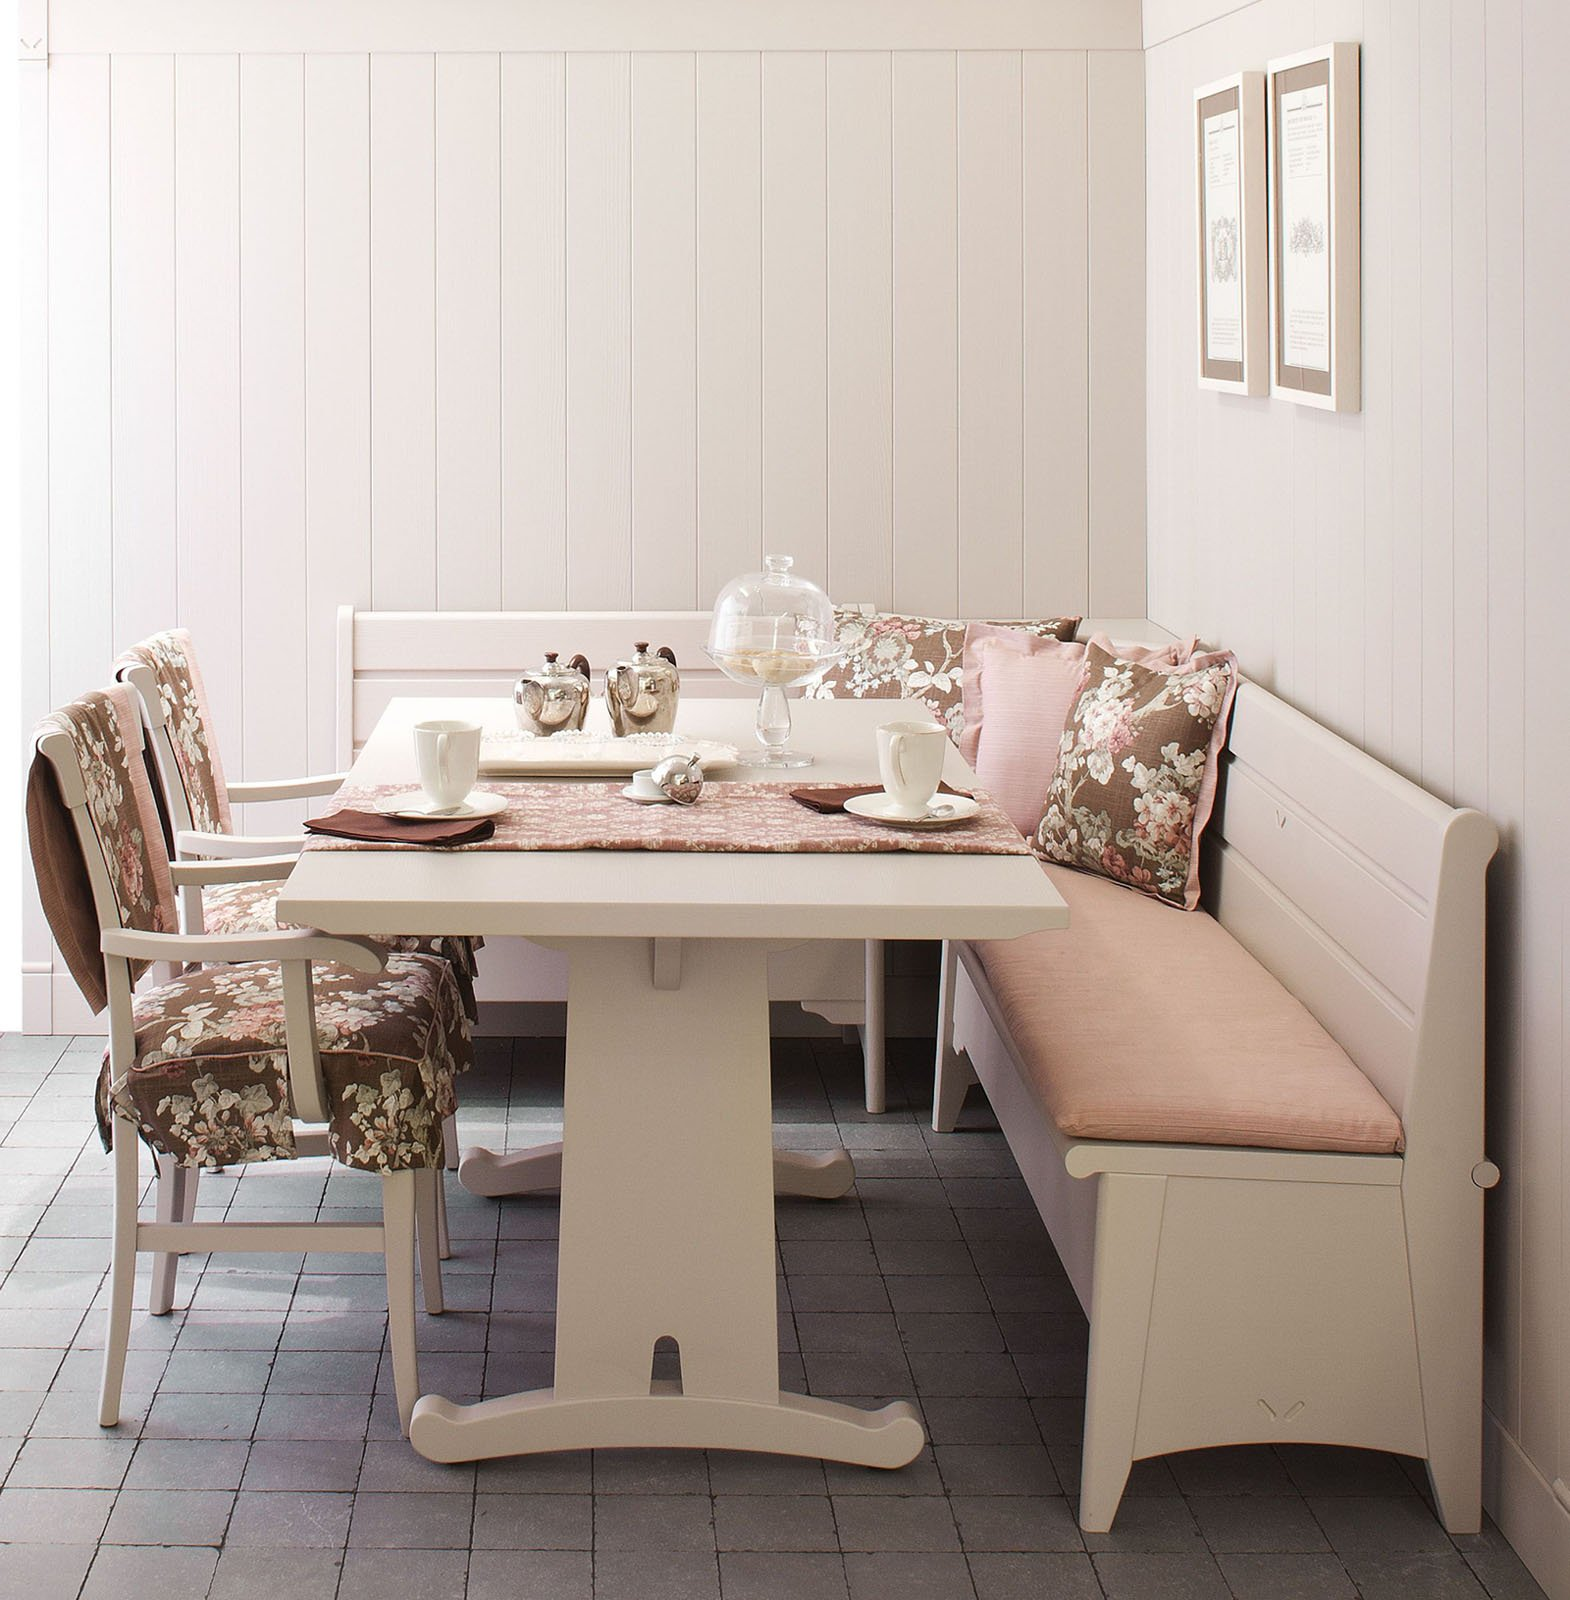 Una Raffinata Sfumatura Grigio Perla Per Il Tavolo Fratino Della  #7F614C 1570 1600 Panca Angolare Da Cucina